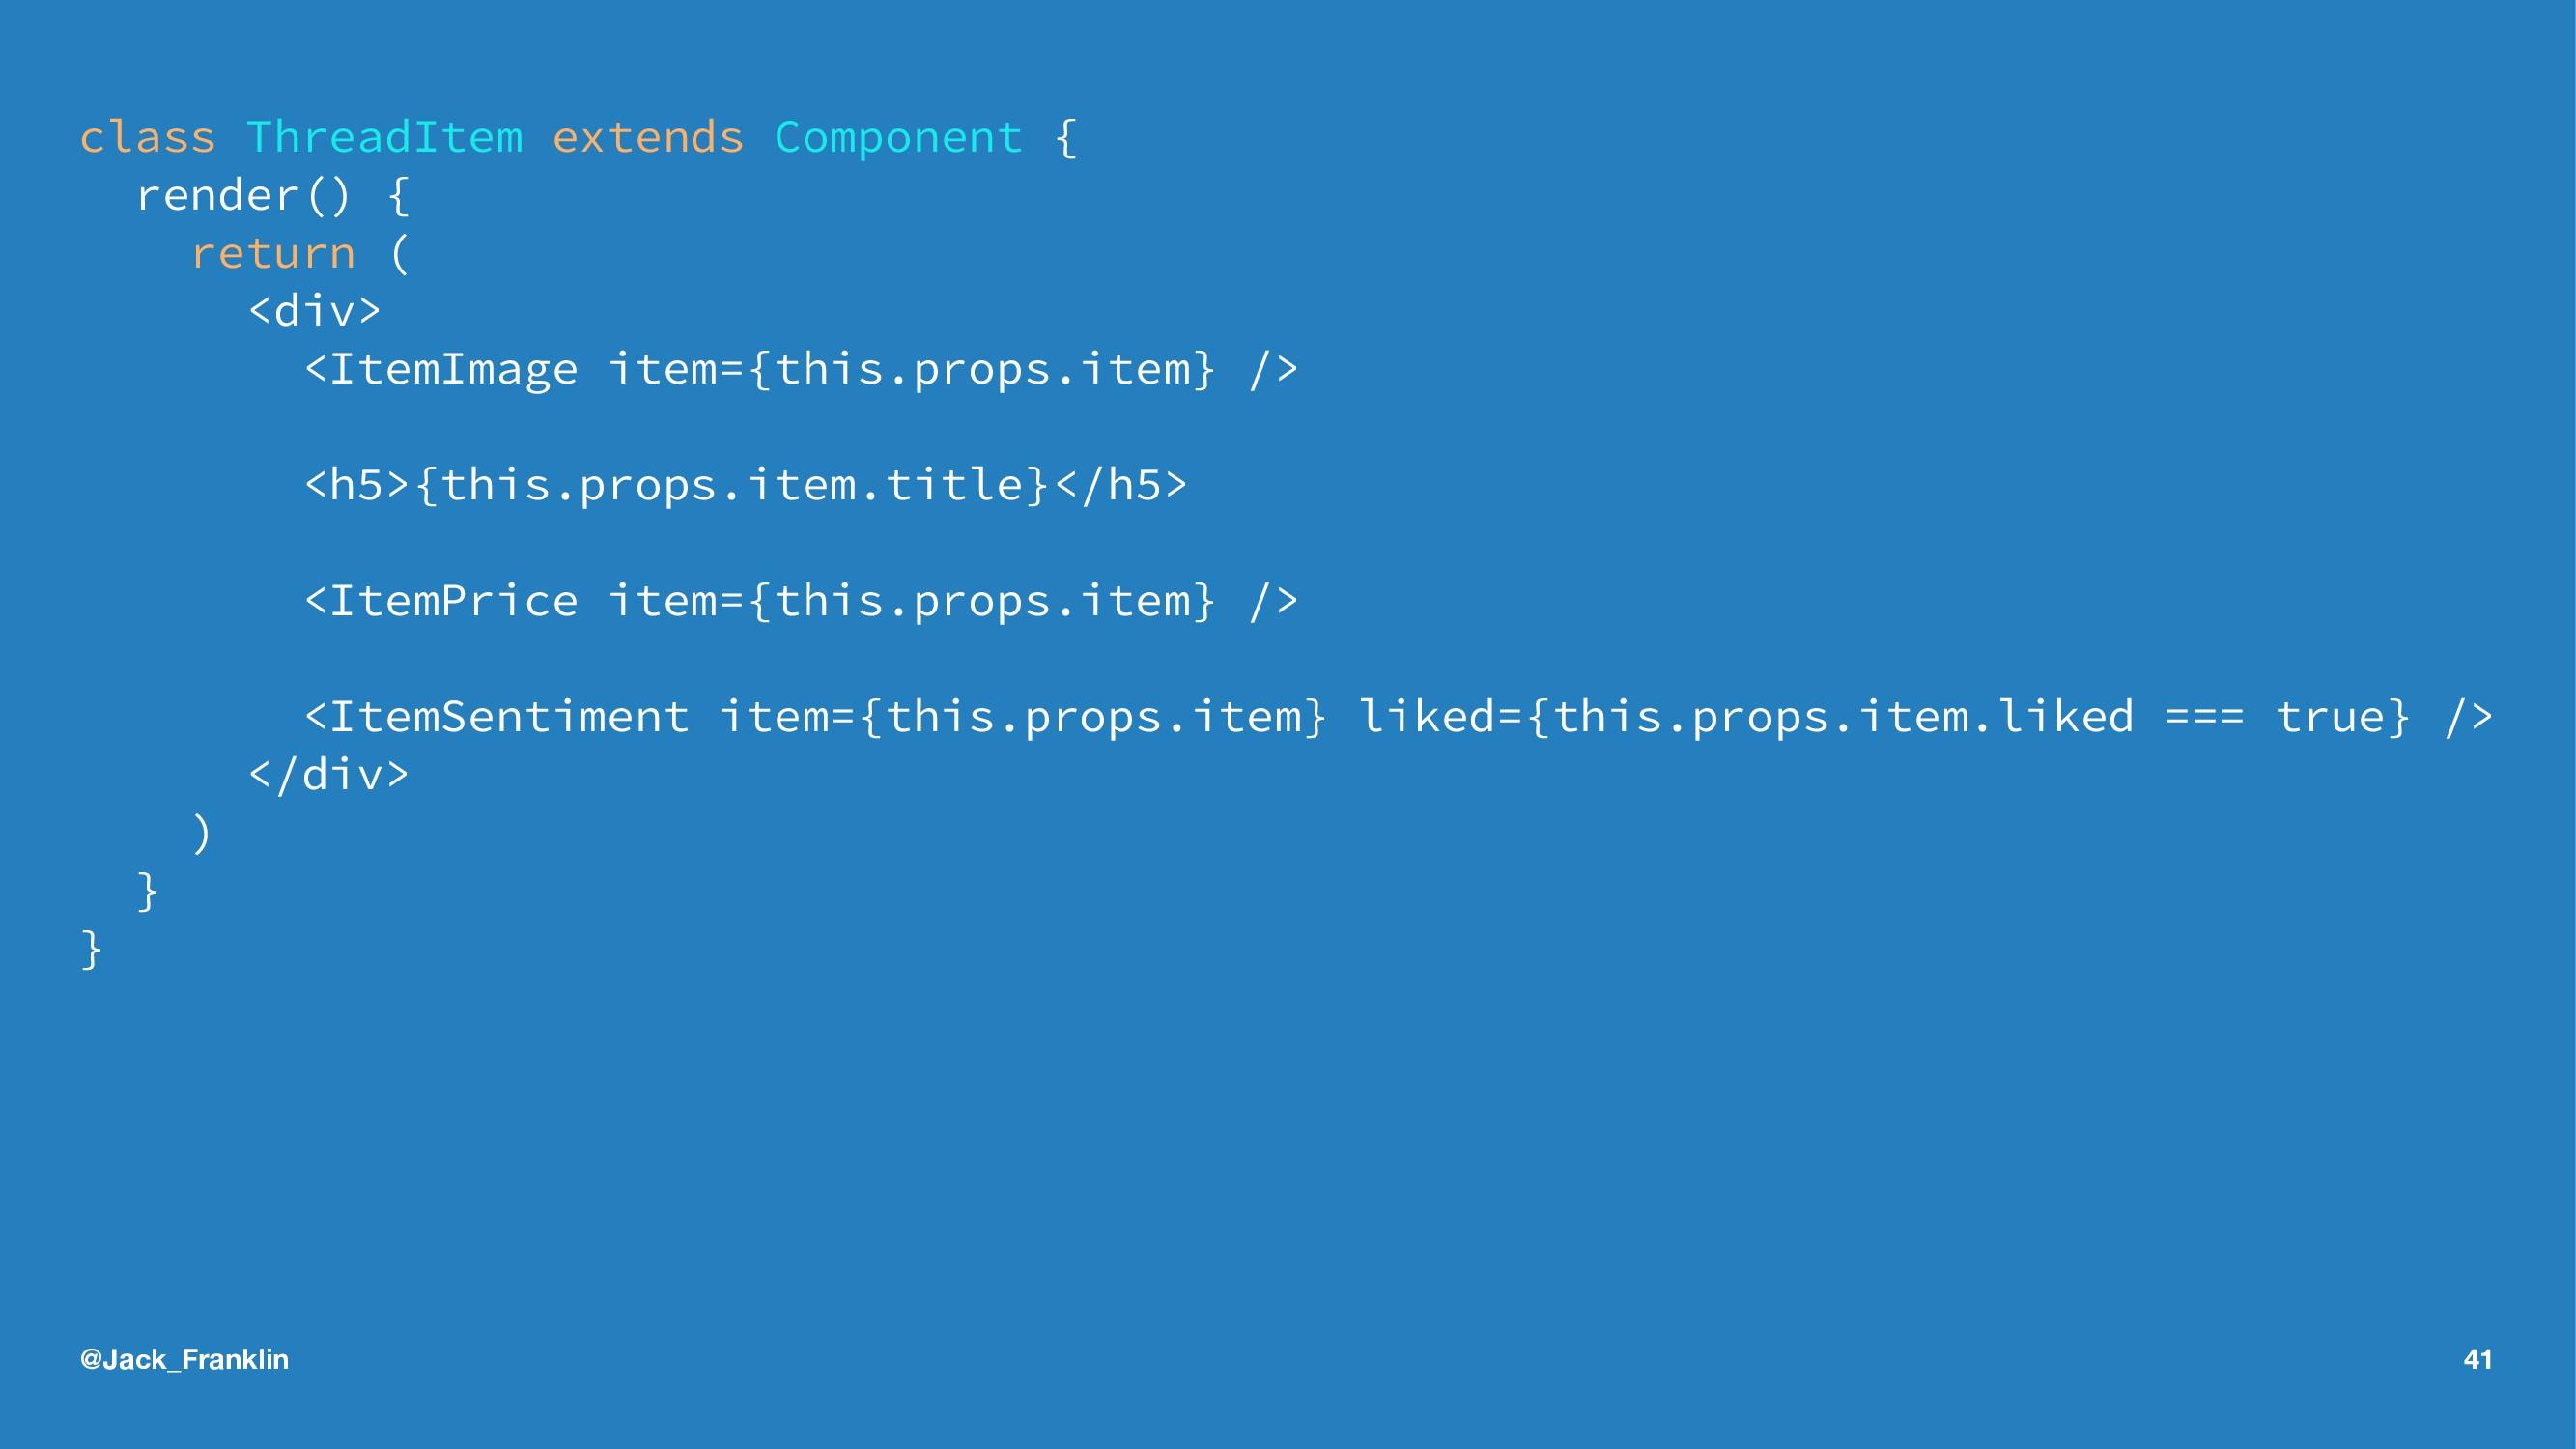 class ThreadItem extends Component { render() {...